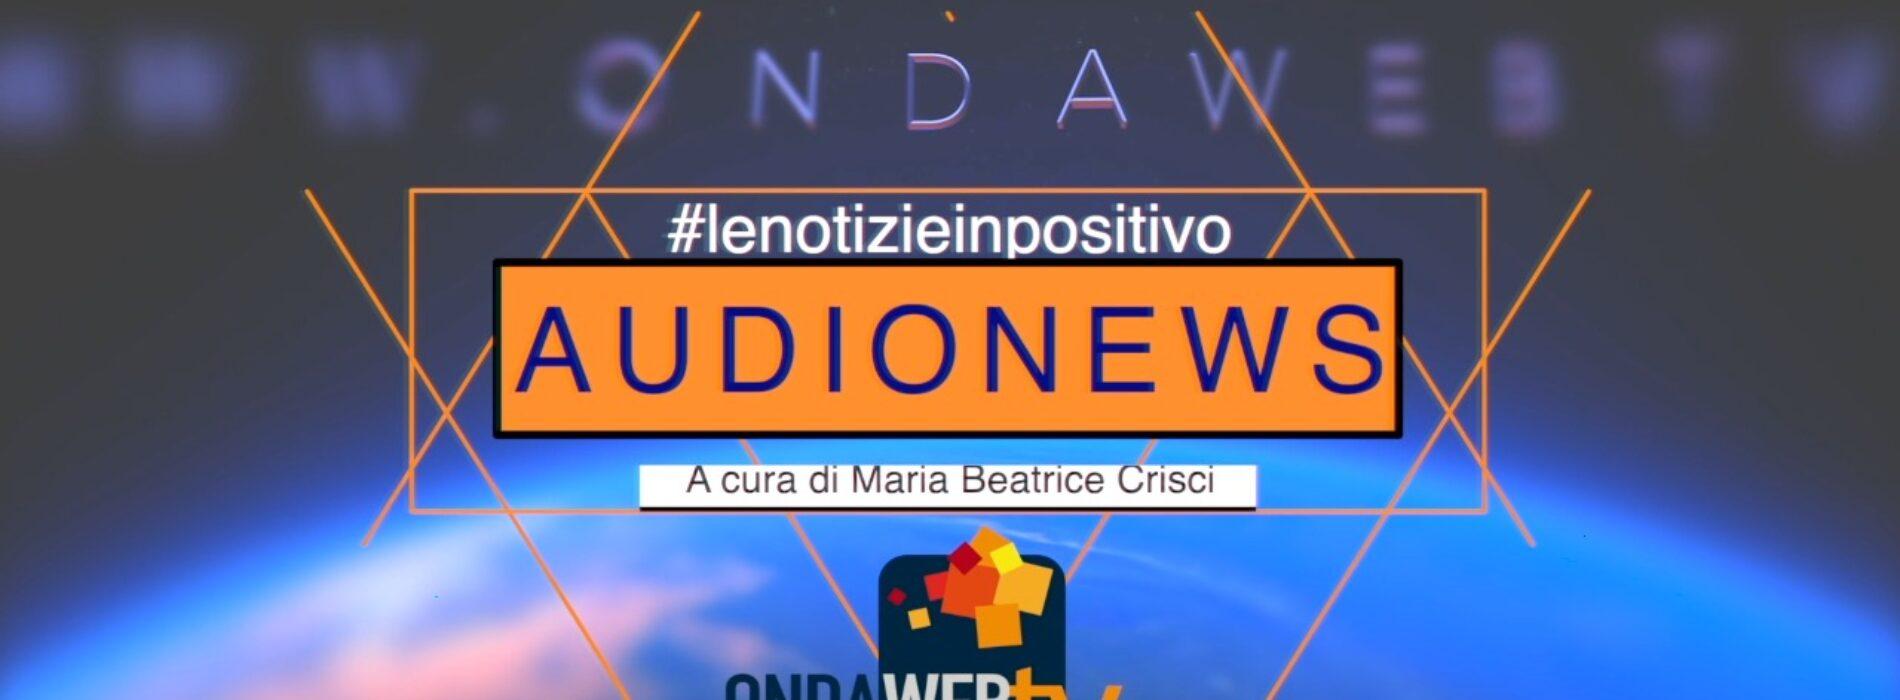 Audionews di Ondawebtv. 4 febbraio